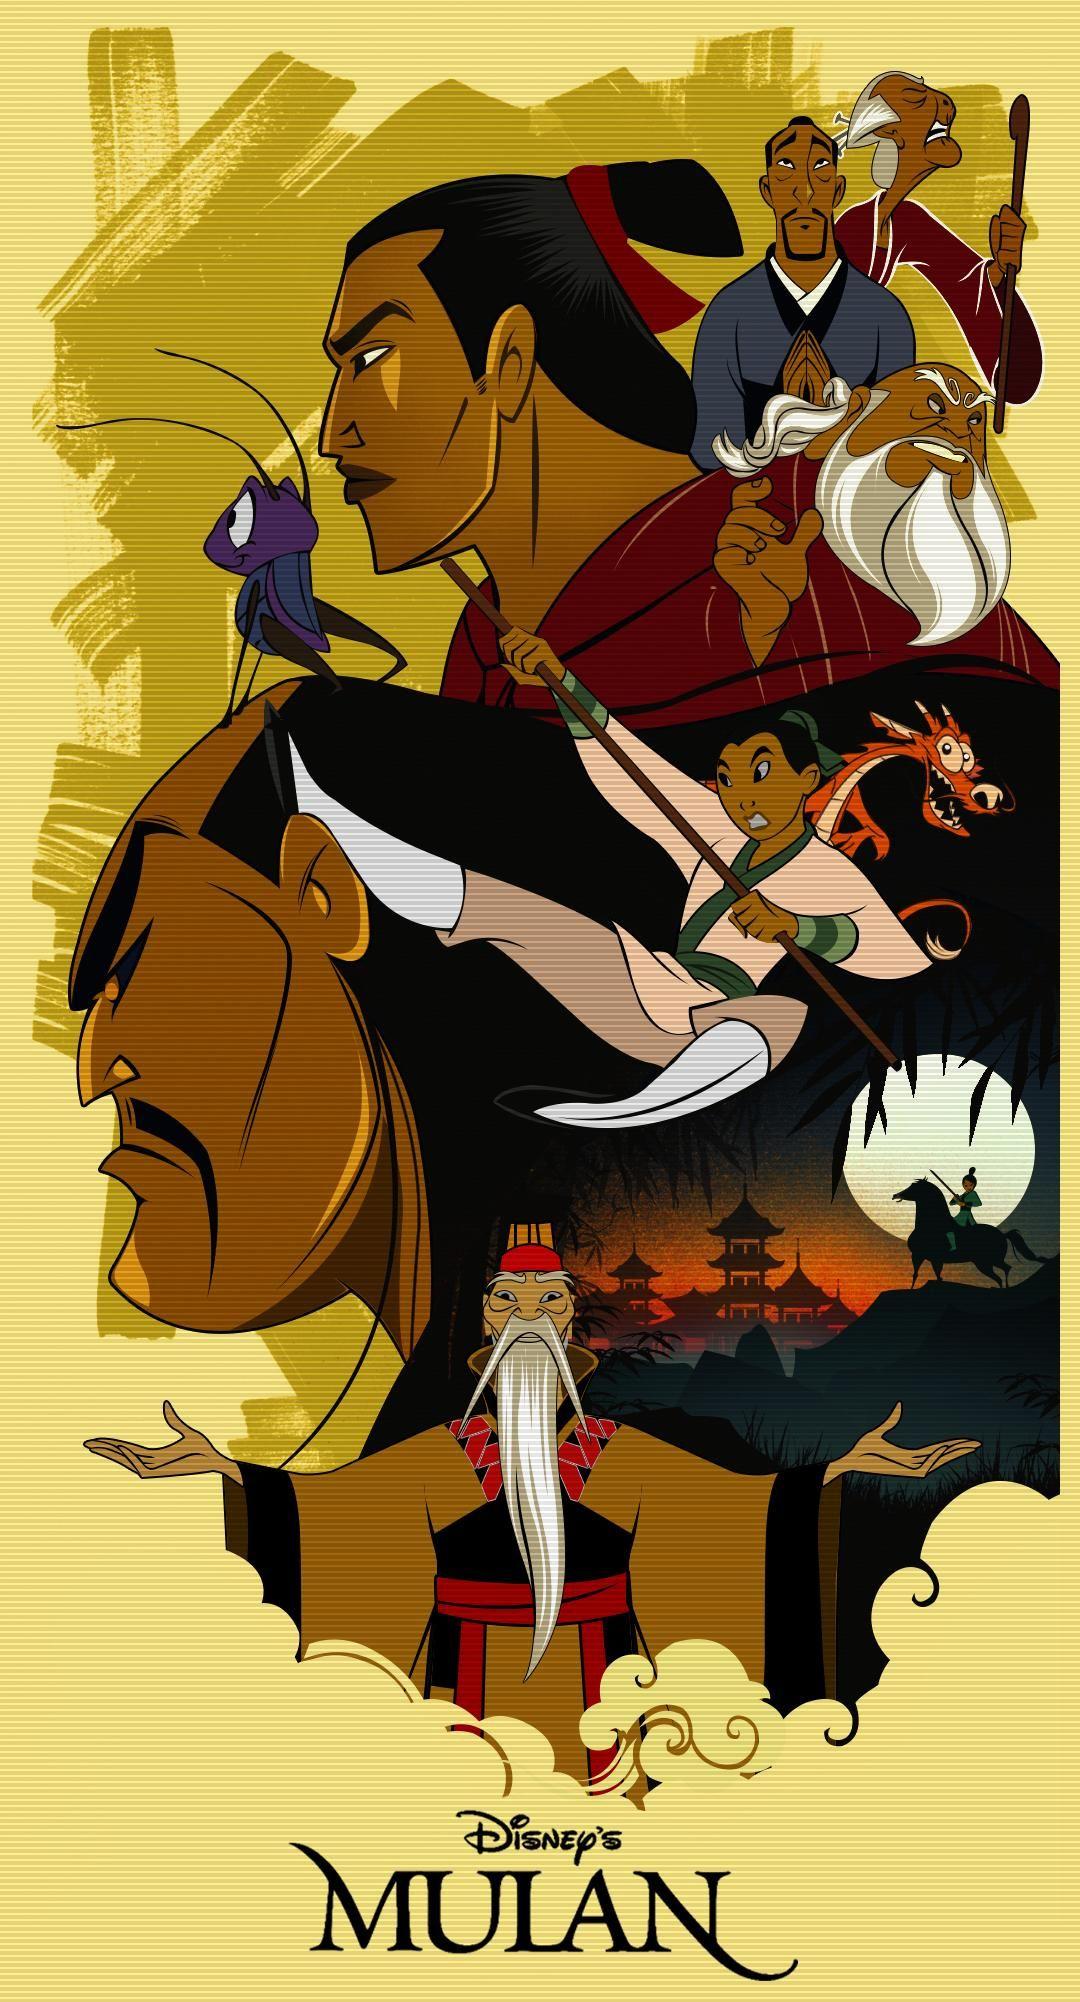 Mulan (1998) [1080 x 2002] | Disney movie posters, Mulan disney ...